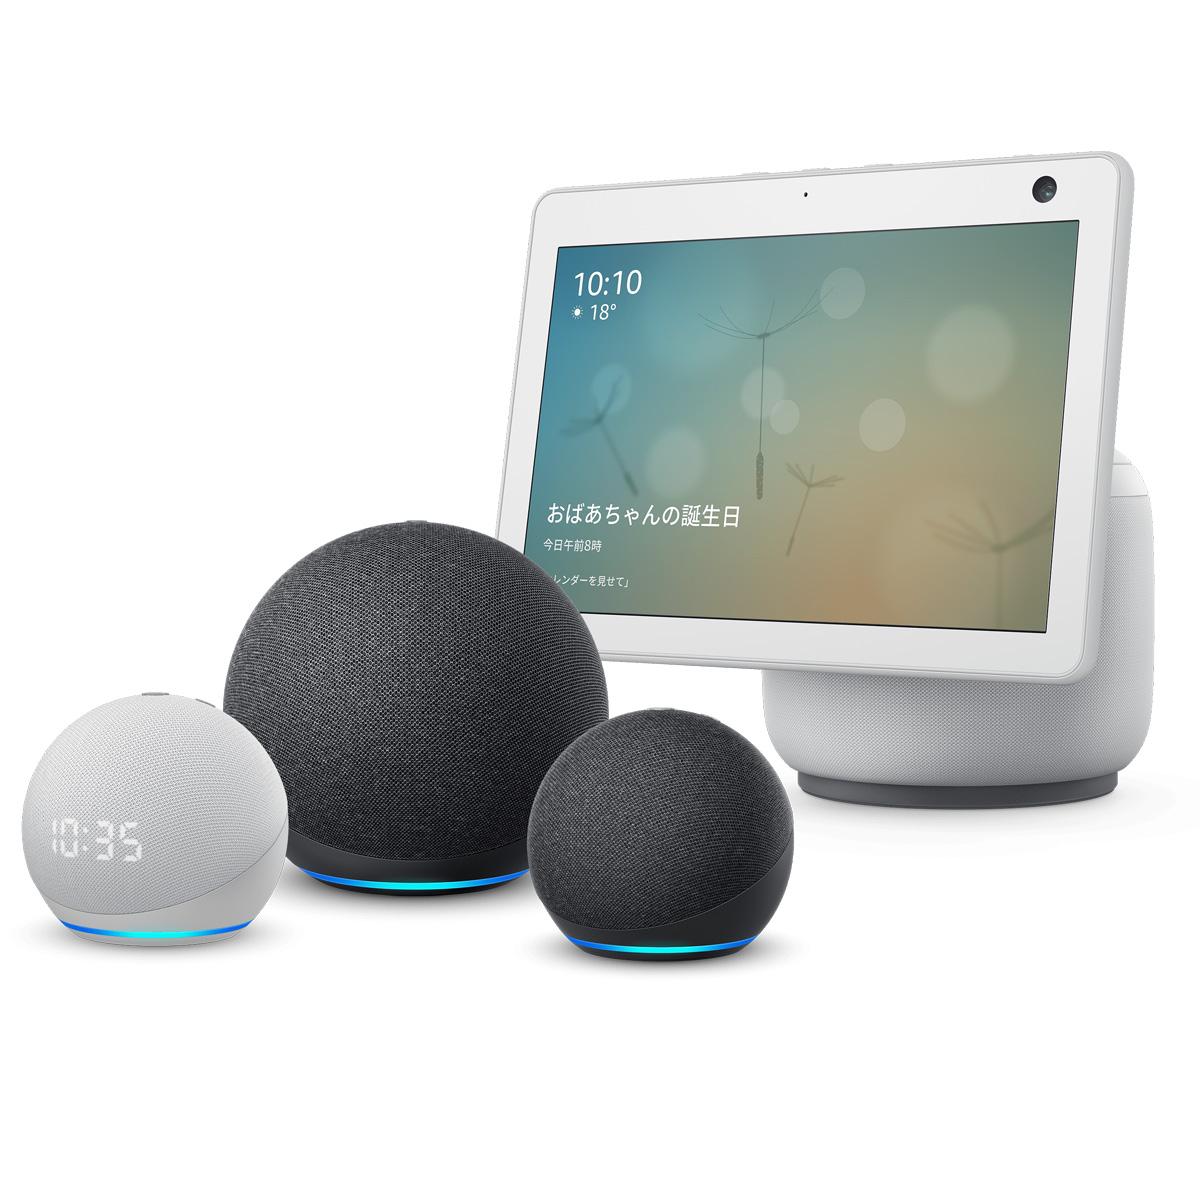 Amazonから球体デザインになった第4世代「Echo」シリーズとHDR&Atmos対応になった「Fire TV Stick」